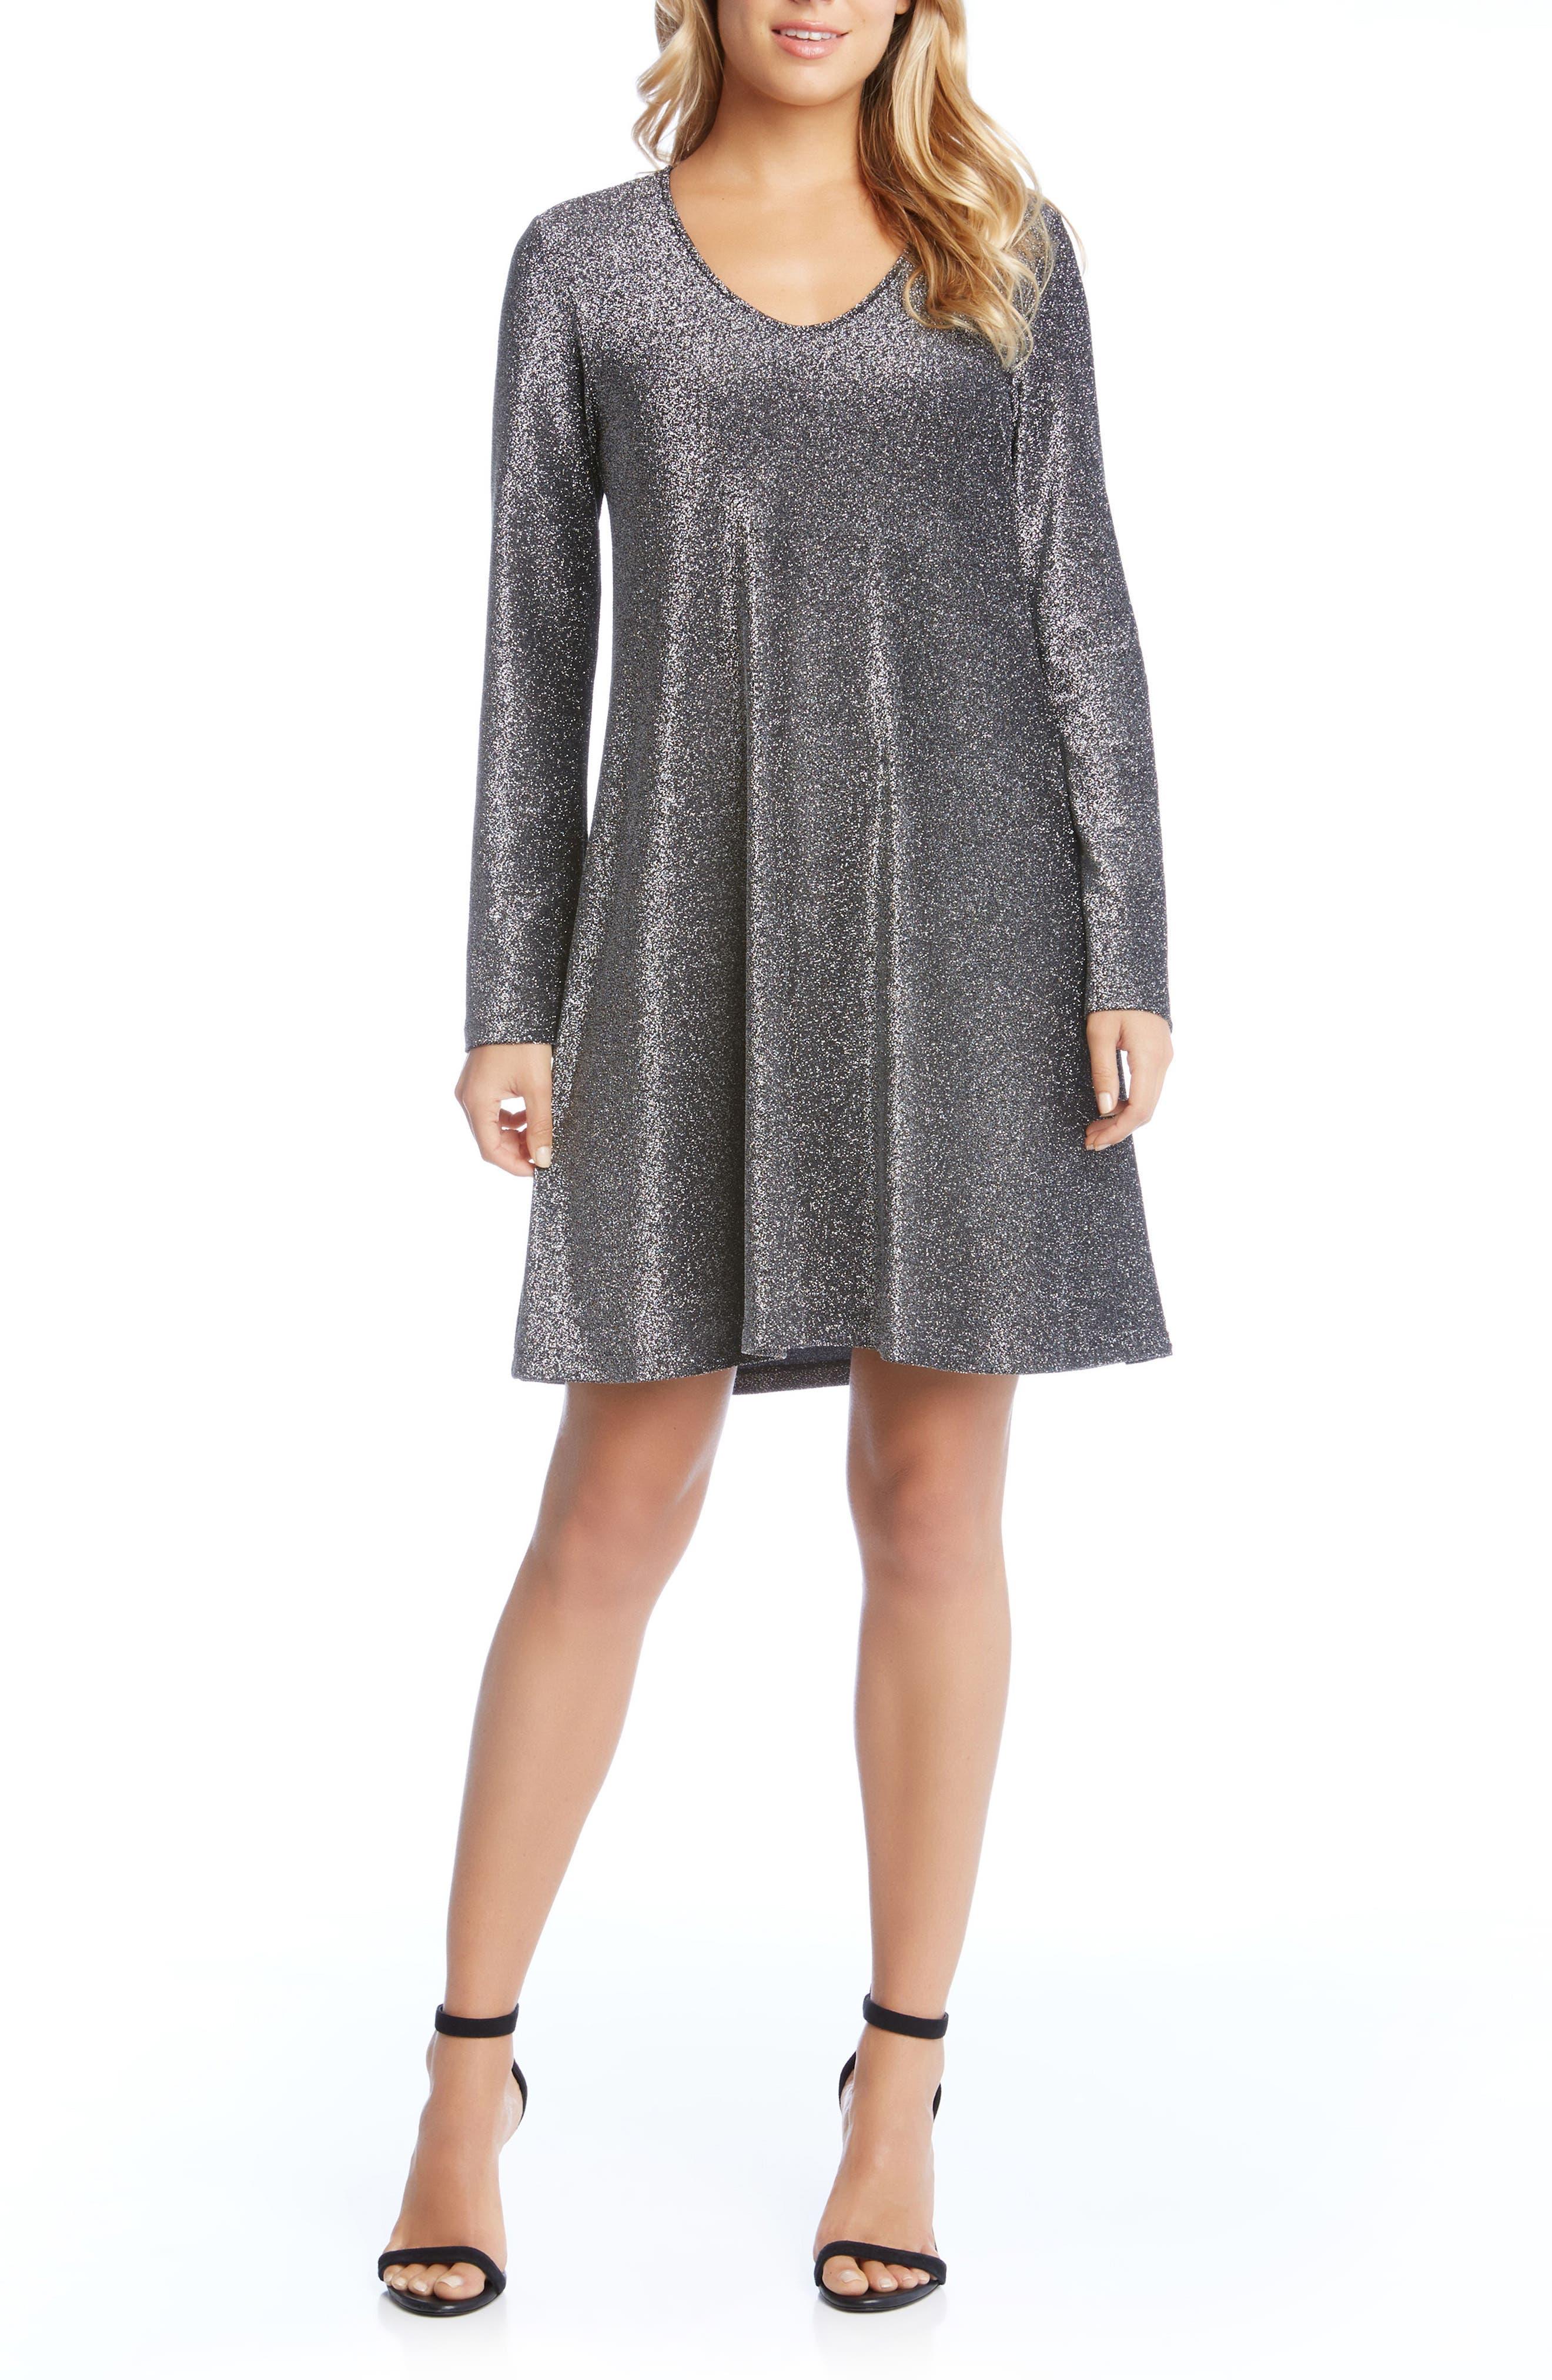 Taylor Sparkle A-Line Dress,                             Main thumbnail 1, color,                             Black W/ Silver